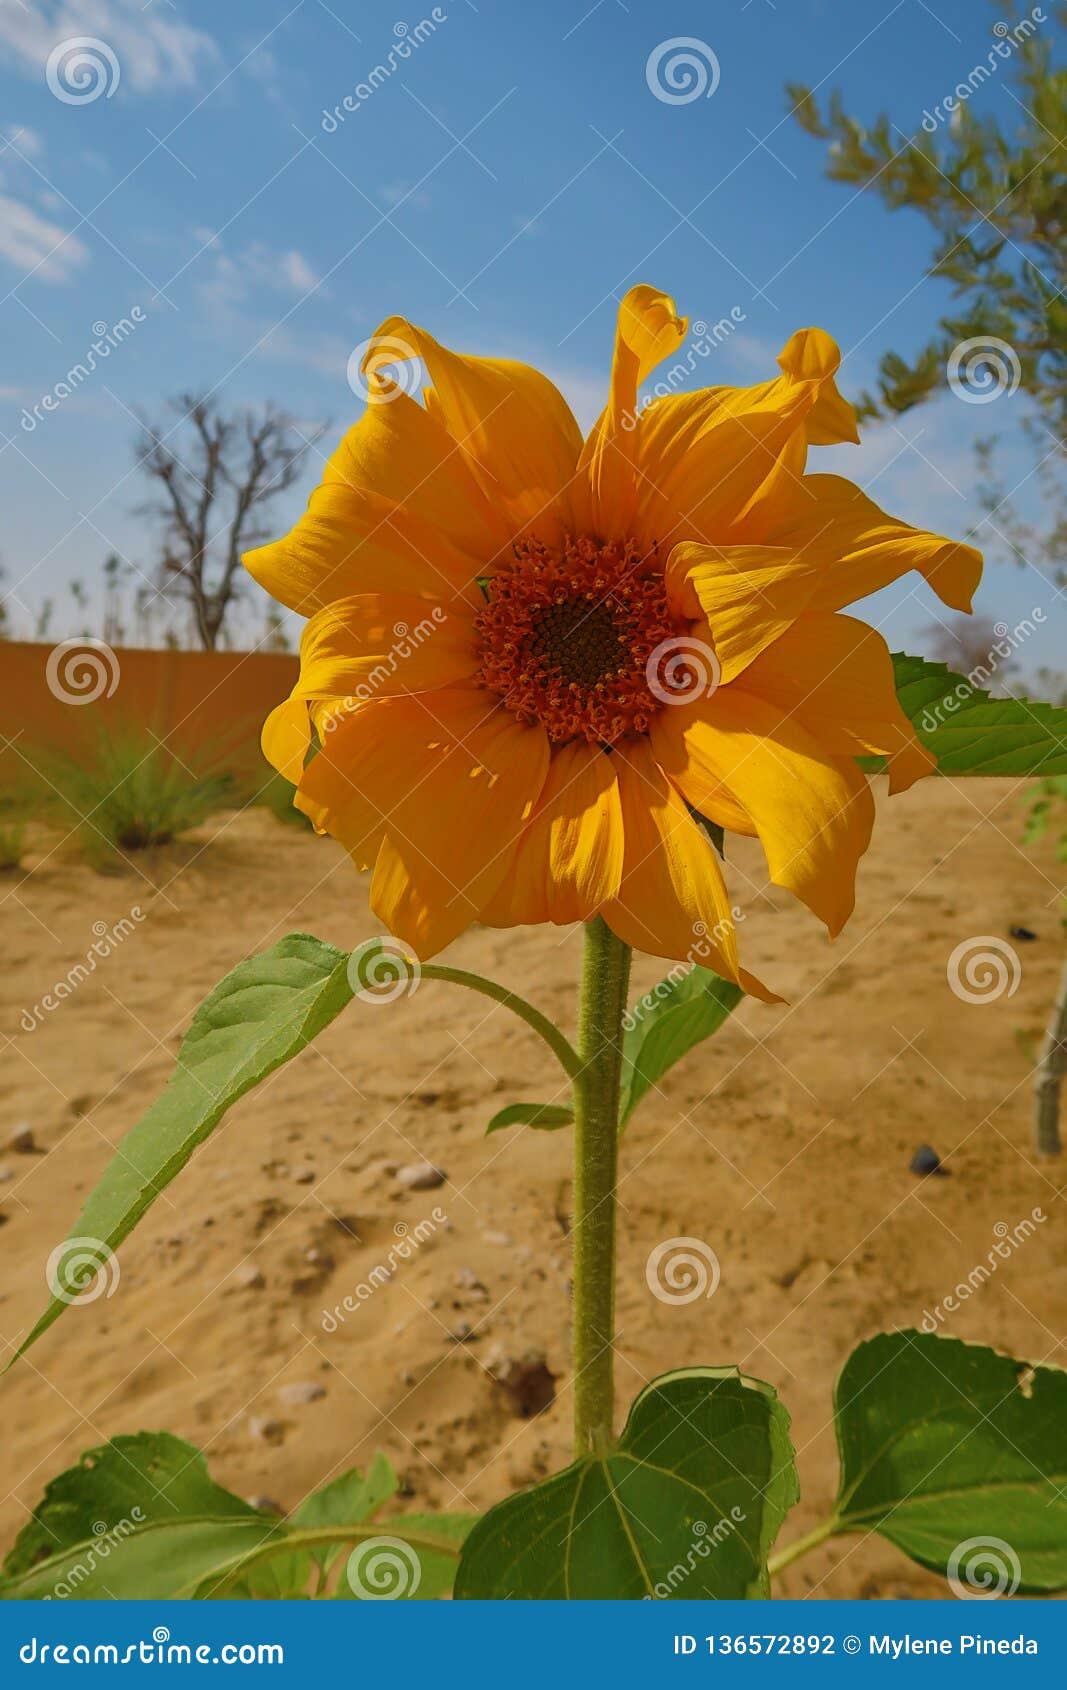 Sunny Yellow Gerbera Daisy